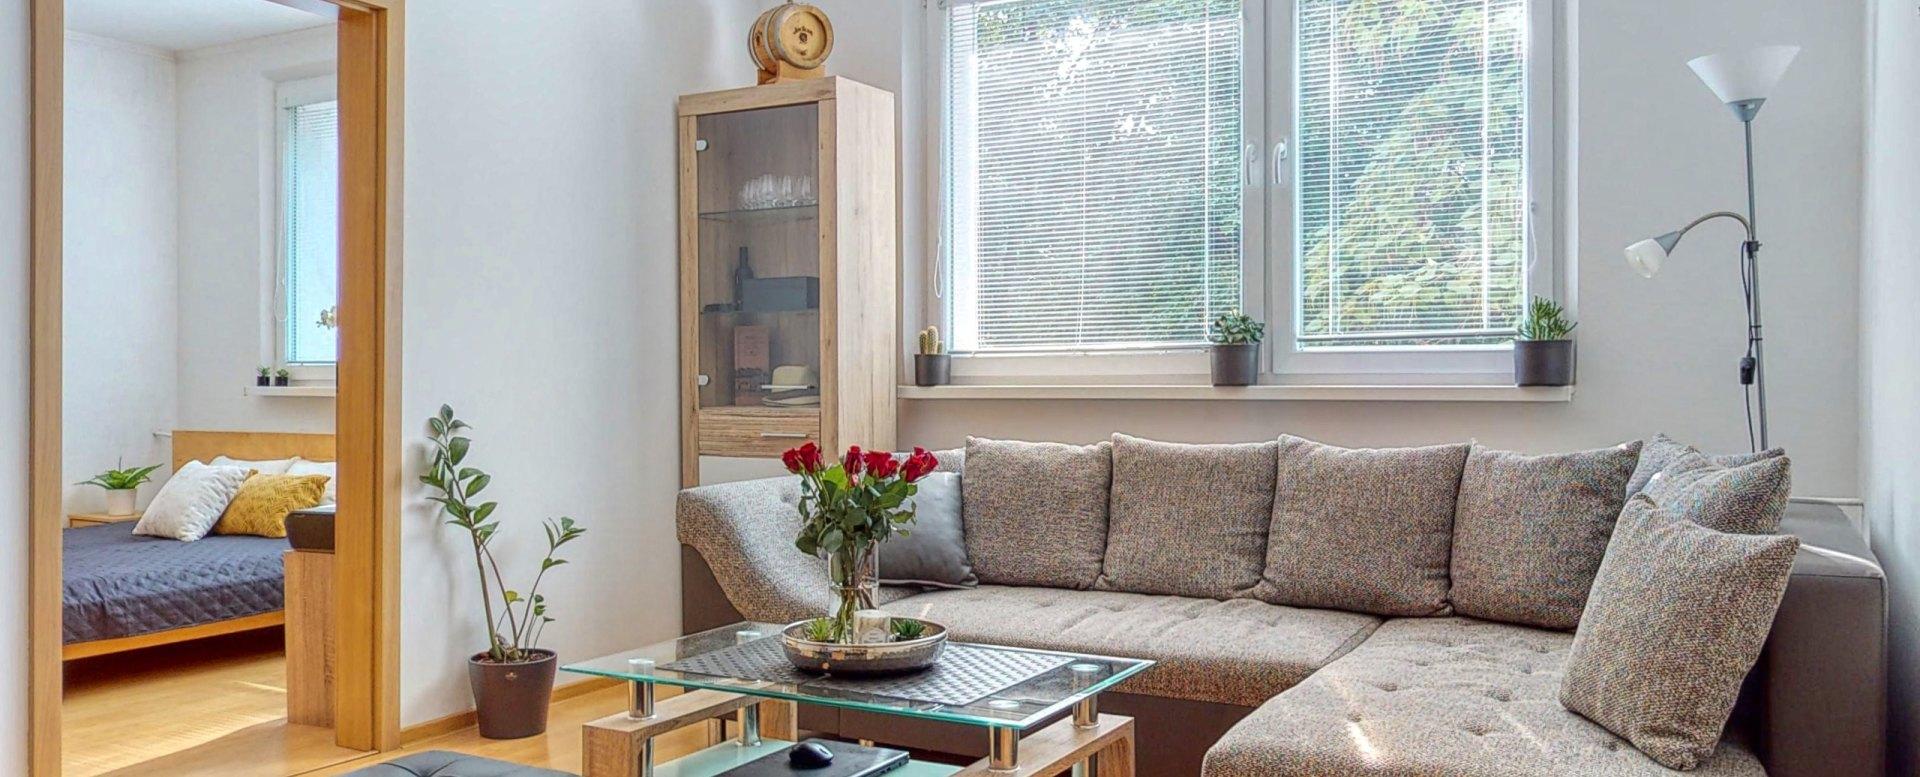 Pohľad do obývacej izby a spálne